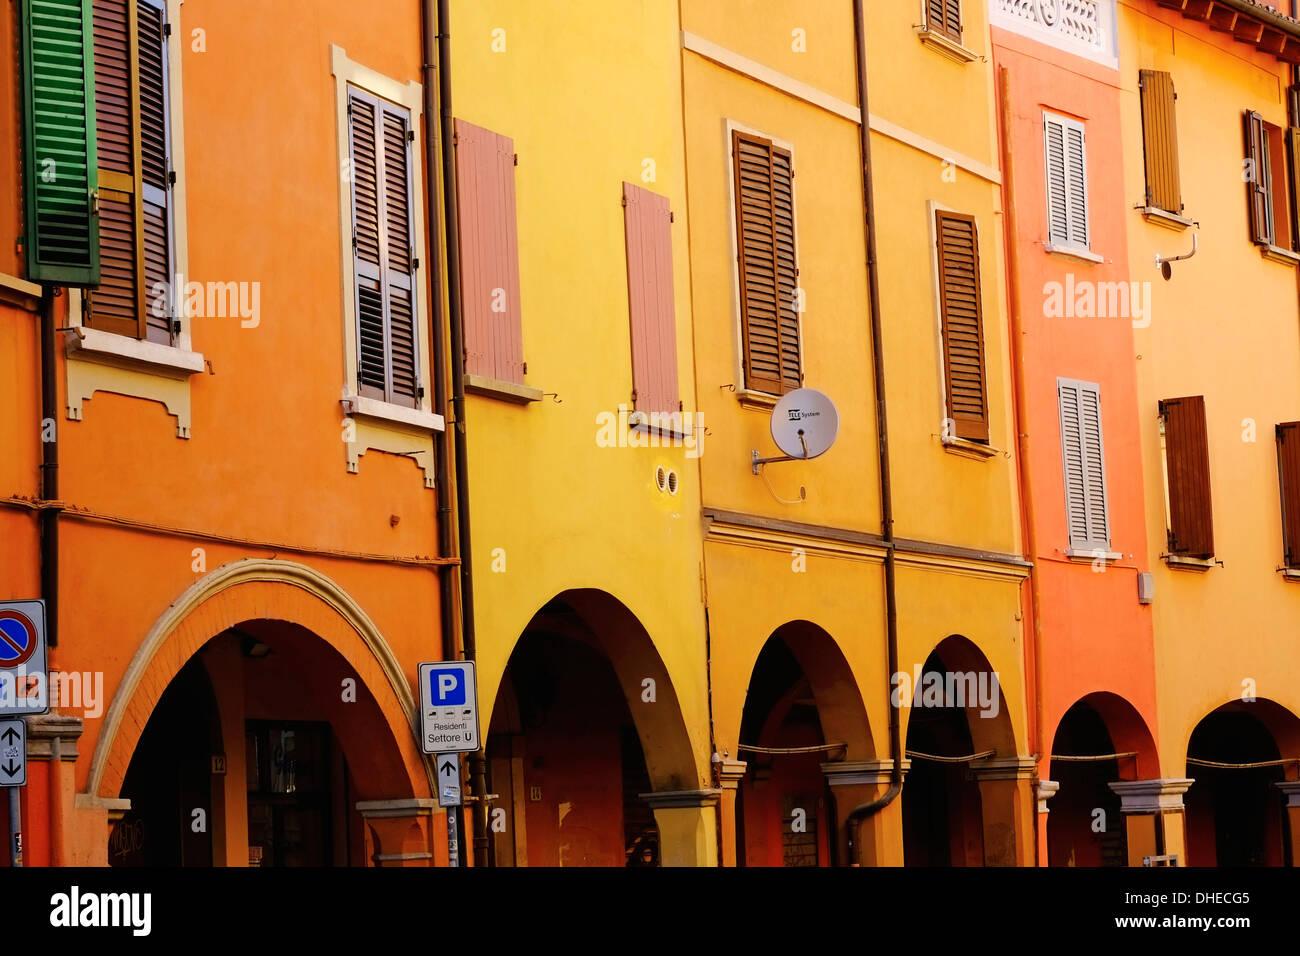 Arcade on the Via Mascarella in the old city, Bologna, Emilia-Romagna, Italy, Europe - Stock Image